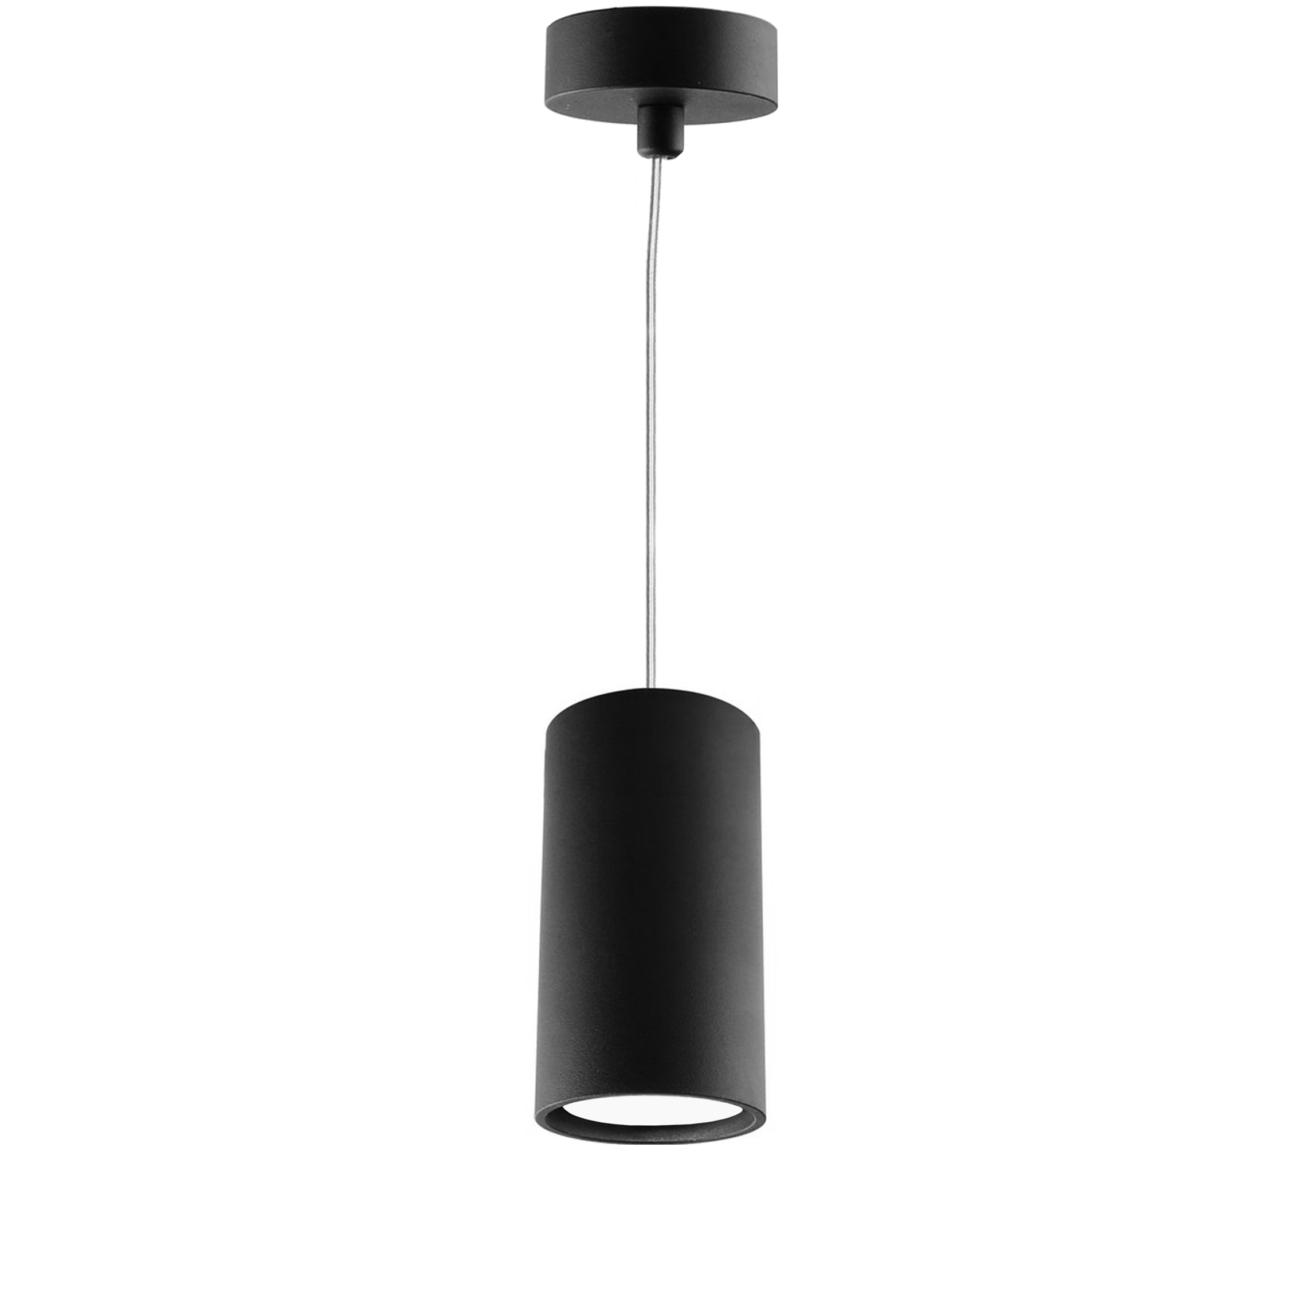 Светильник Stick 80-200мм. 4000К/3000К. 11W купить во Владивостоке